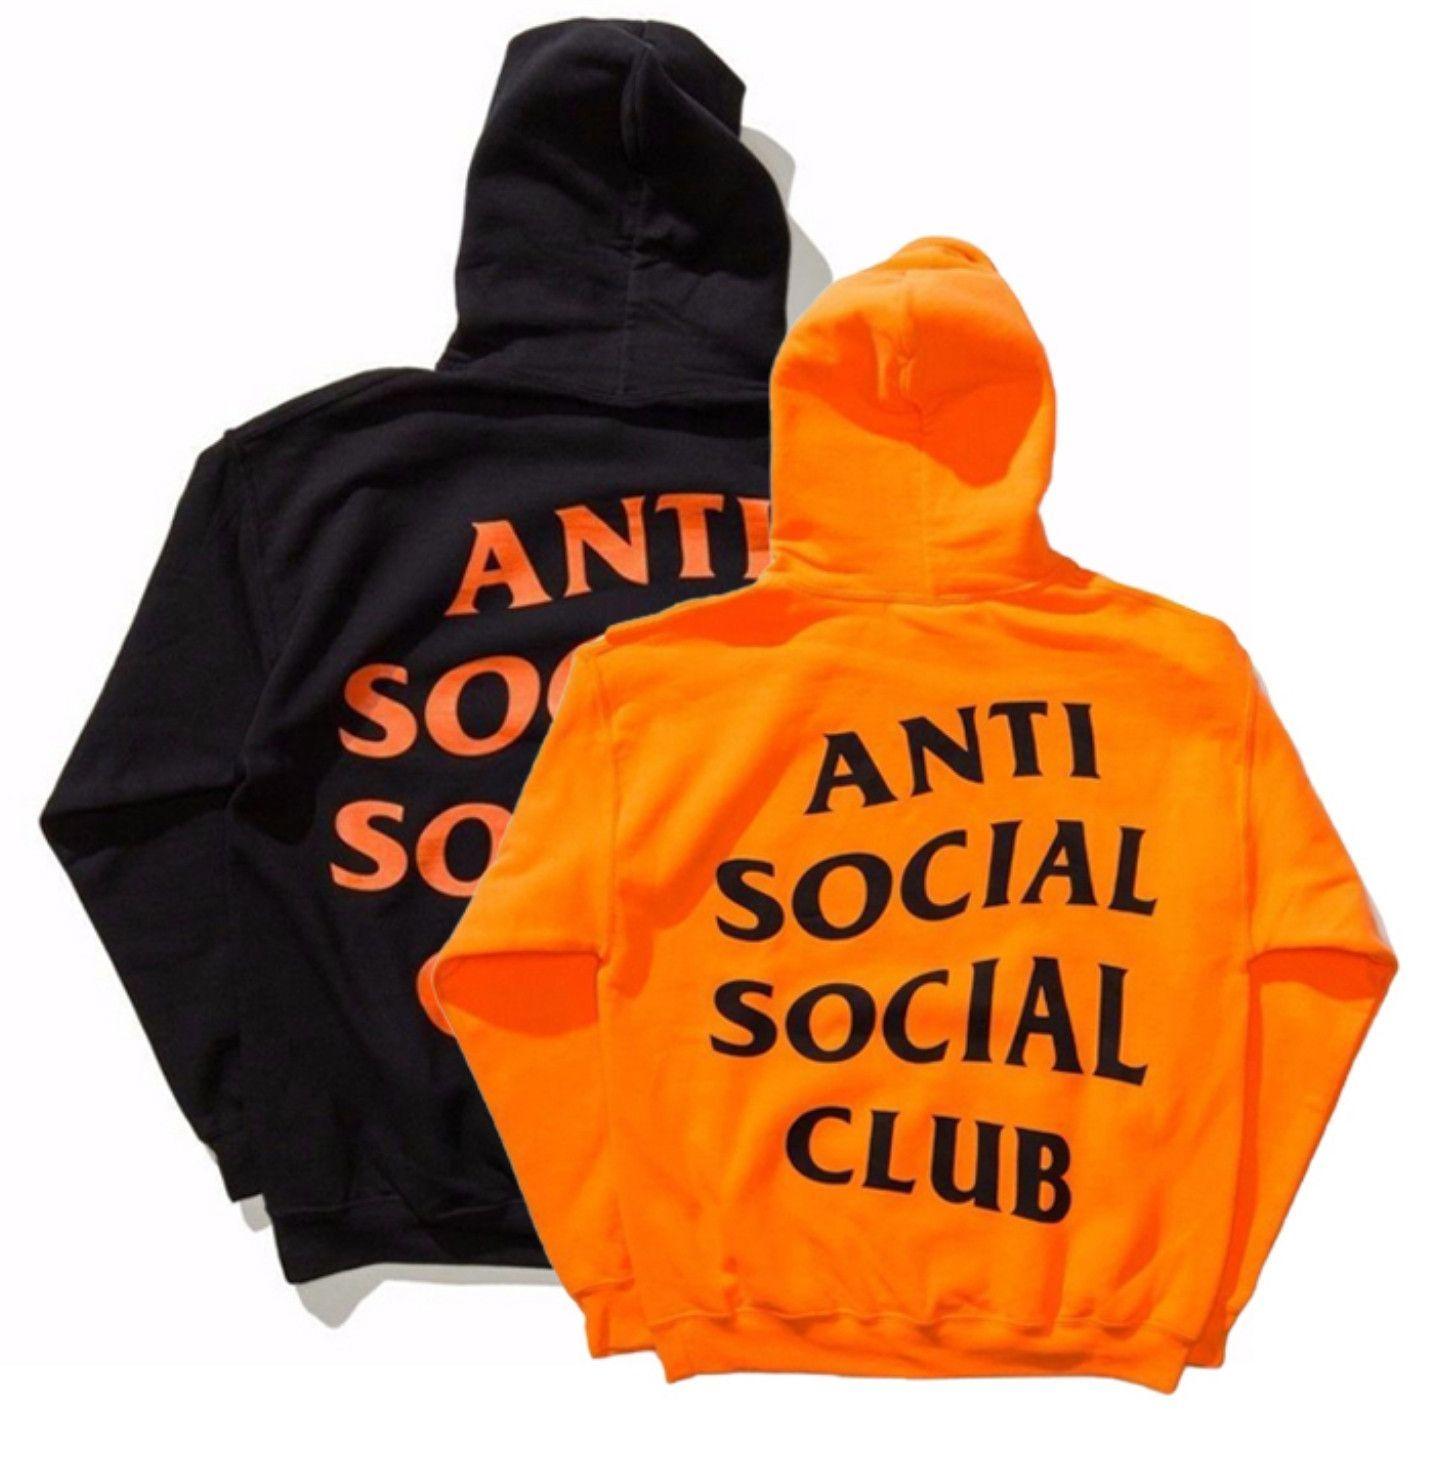 383270f45 Anti Social Social Club Hoodies | Outfits | Anti social social club ...